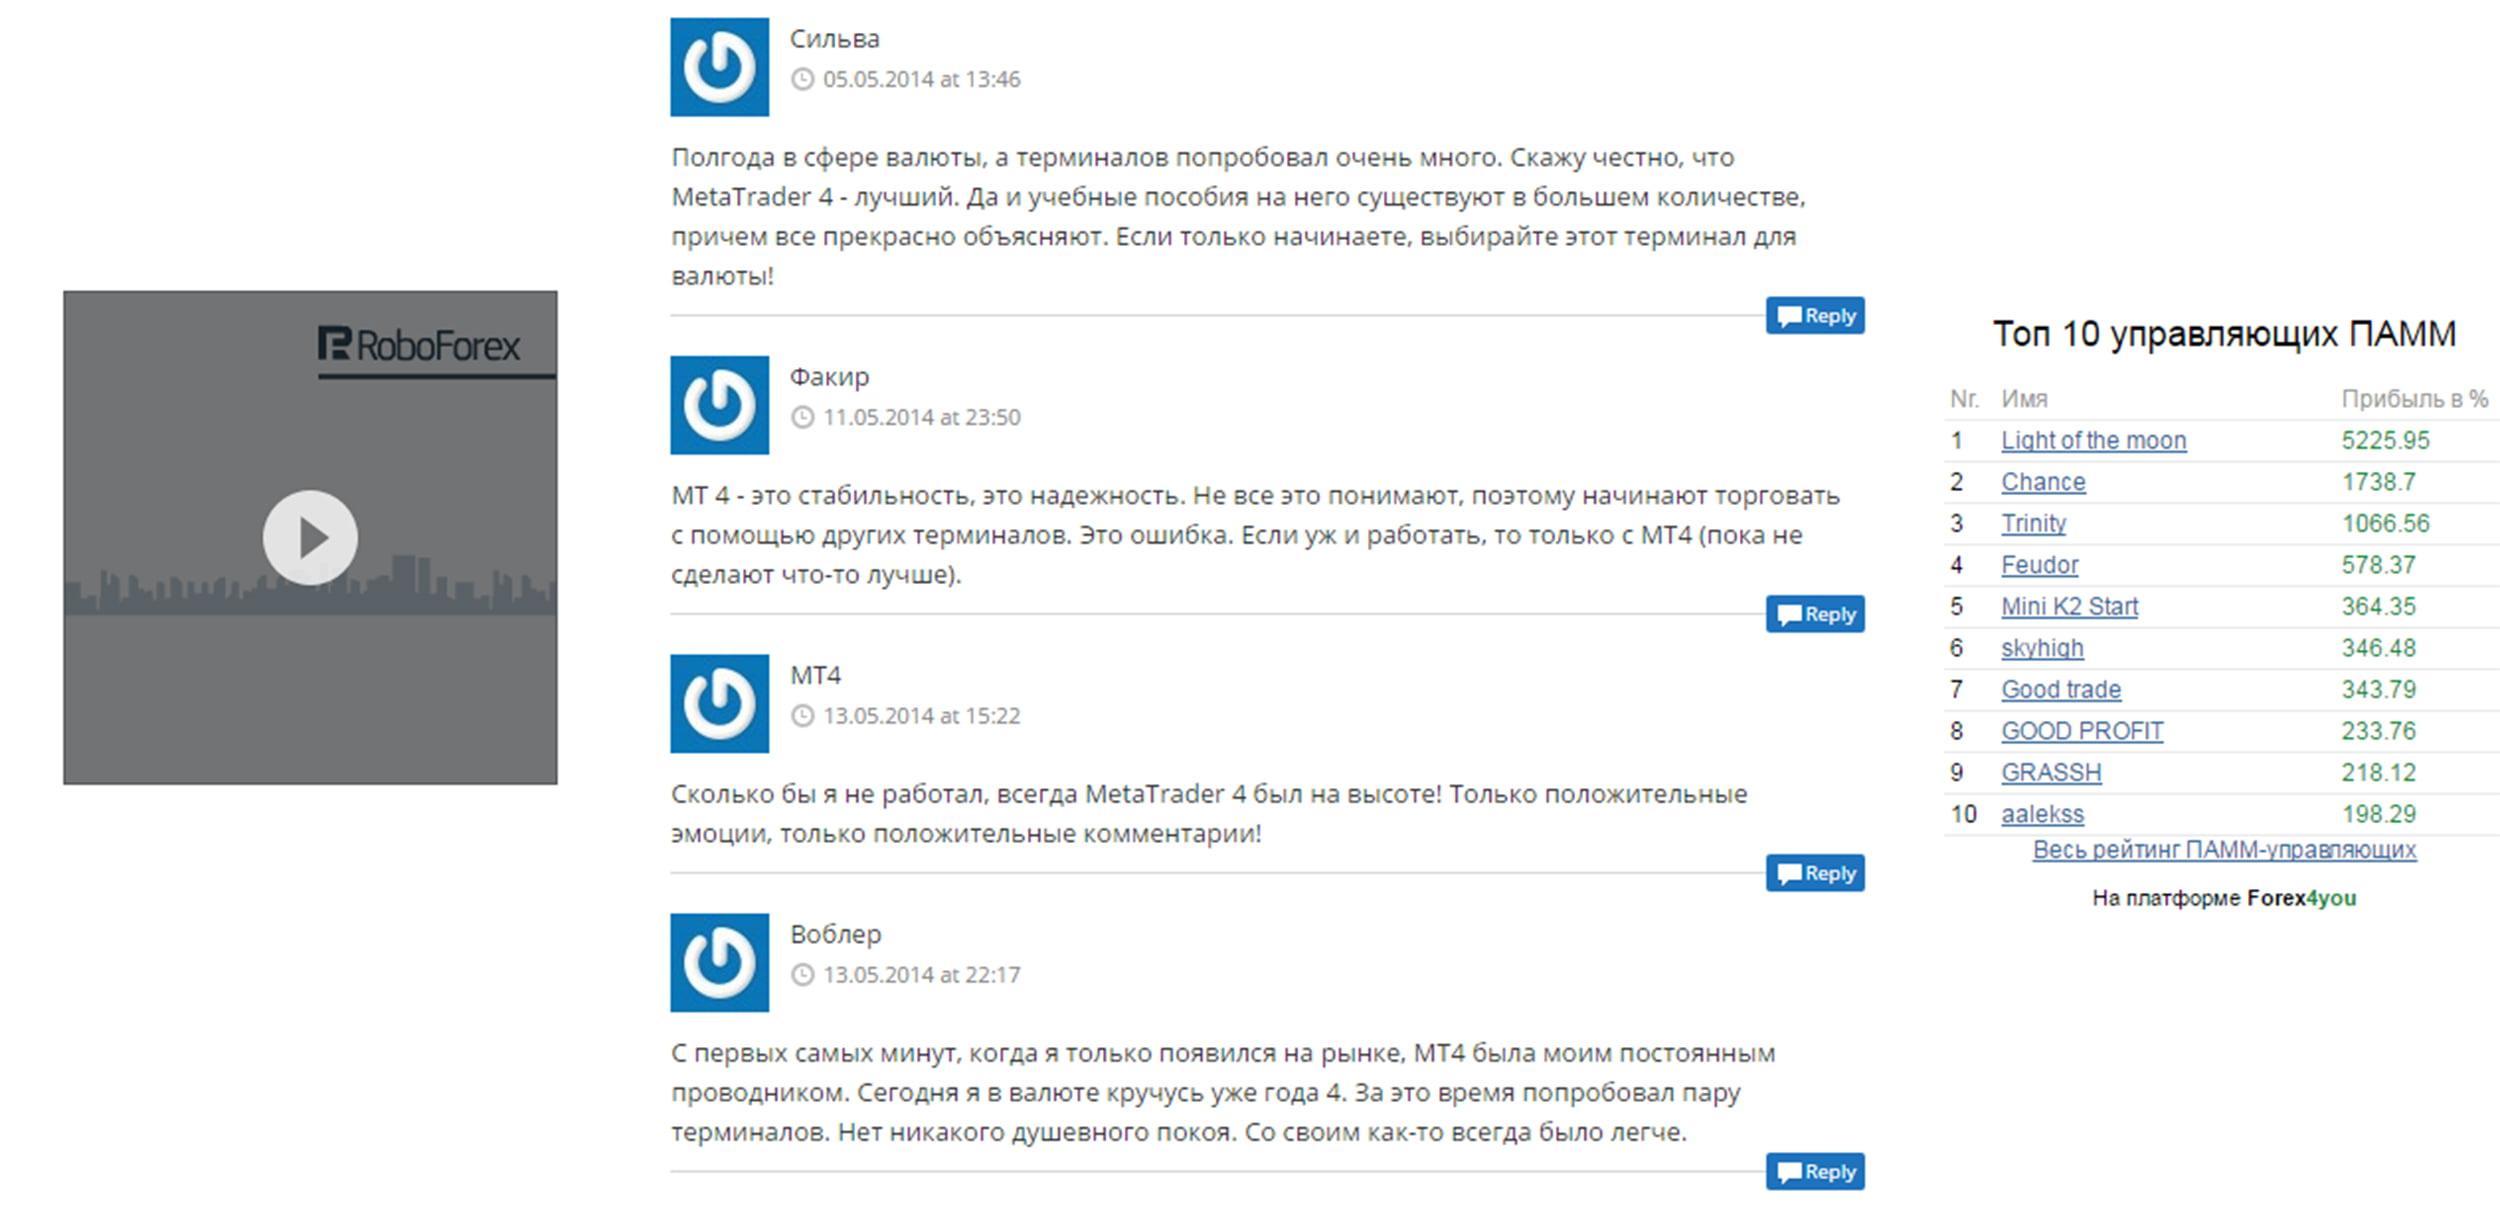 Отзывы о платформе Metatrader 4